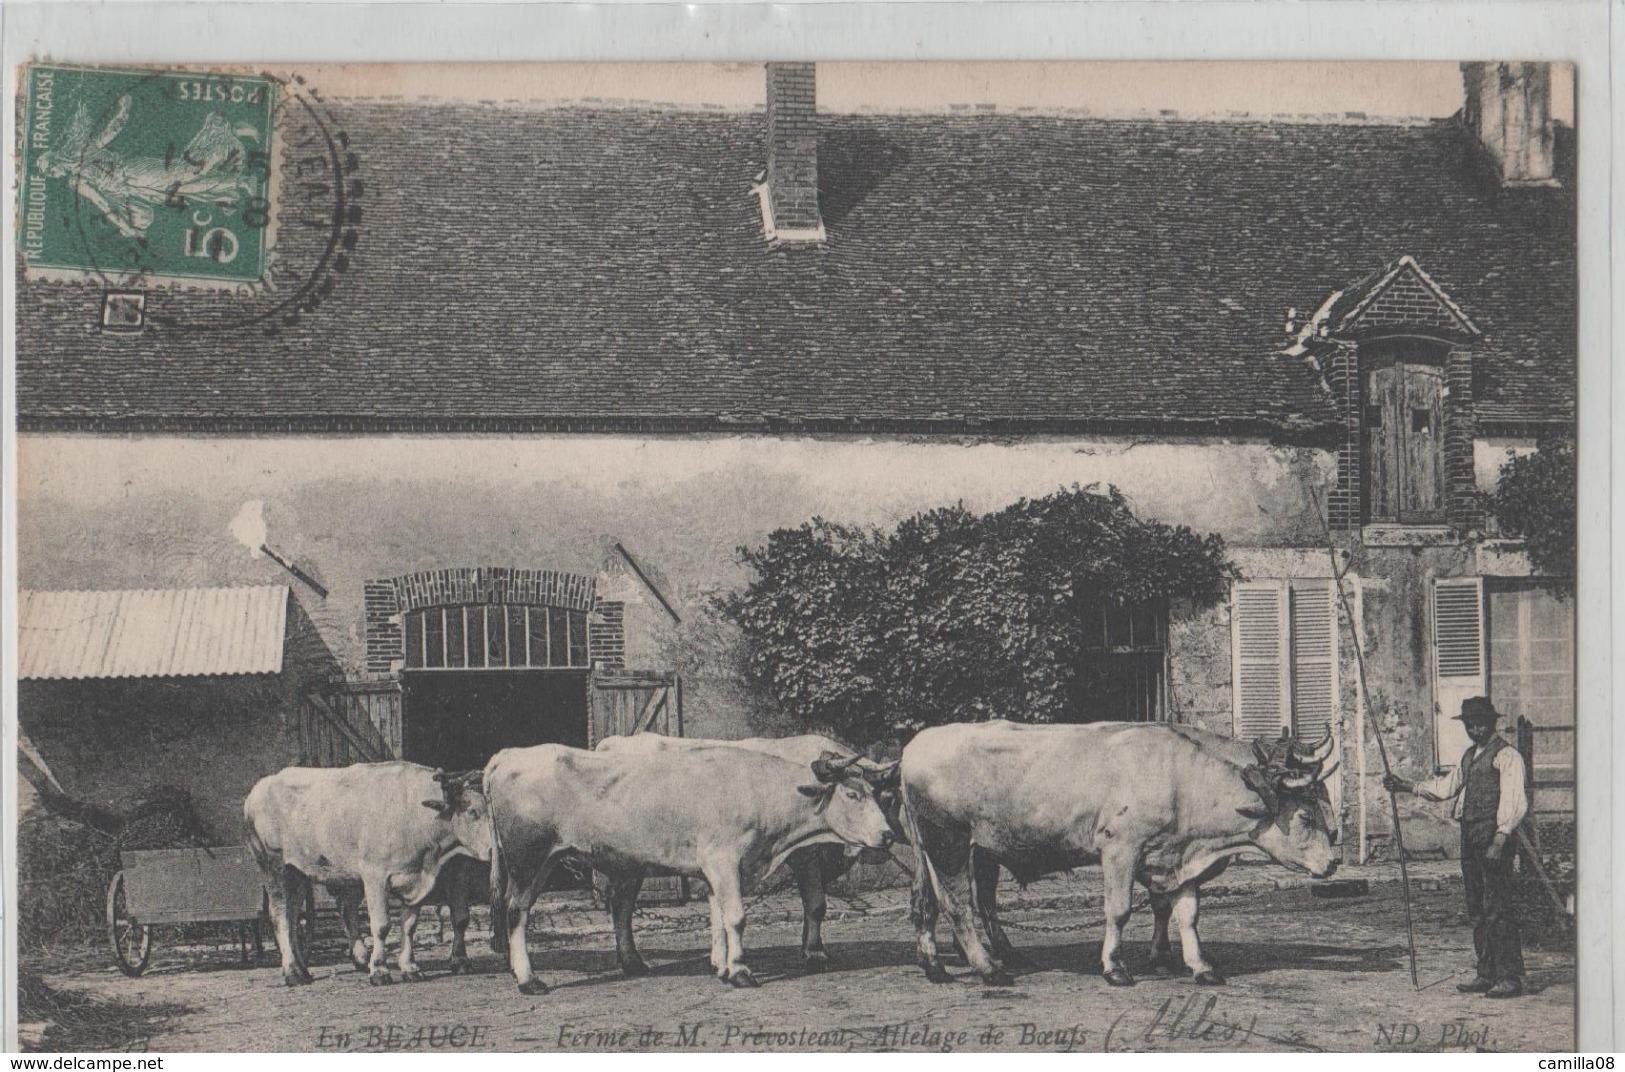 EN BEAUCE.FERME DE PREVOSTEAU.ABLIS .ATTELAGE DE BOEUFS - Farmers